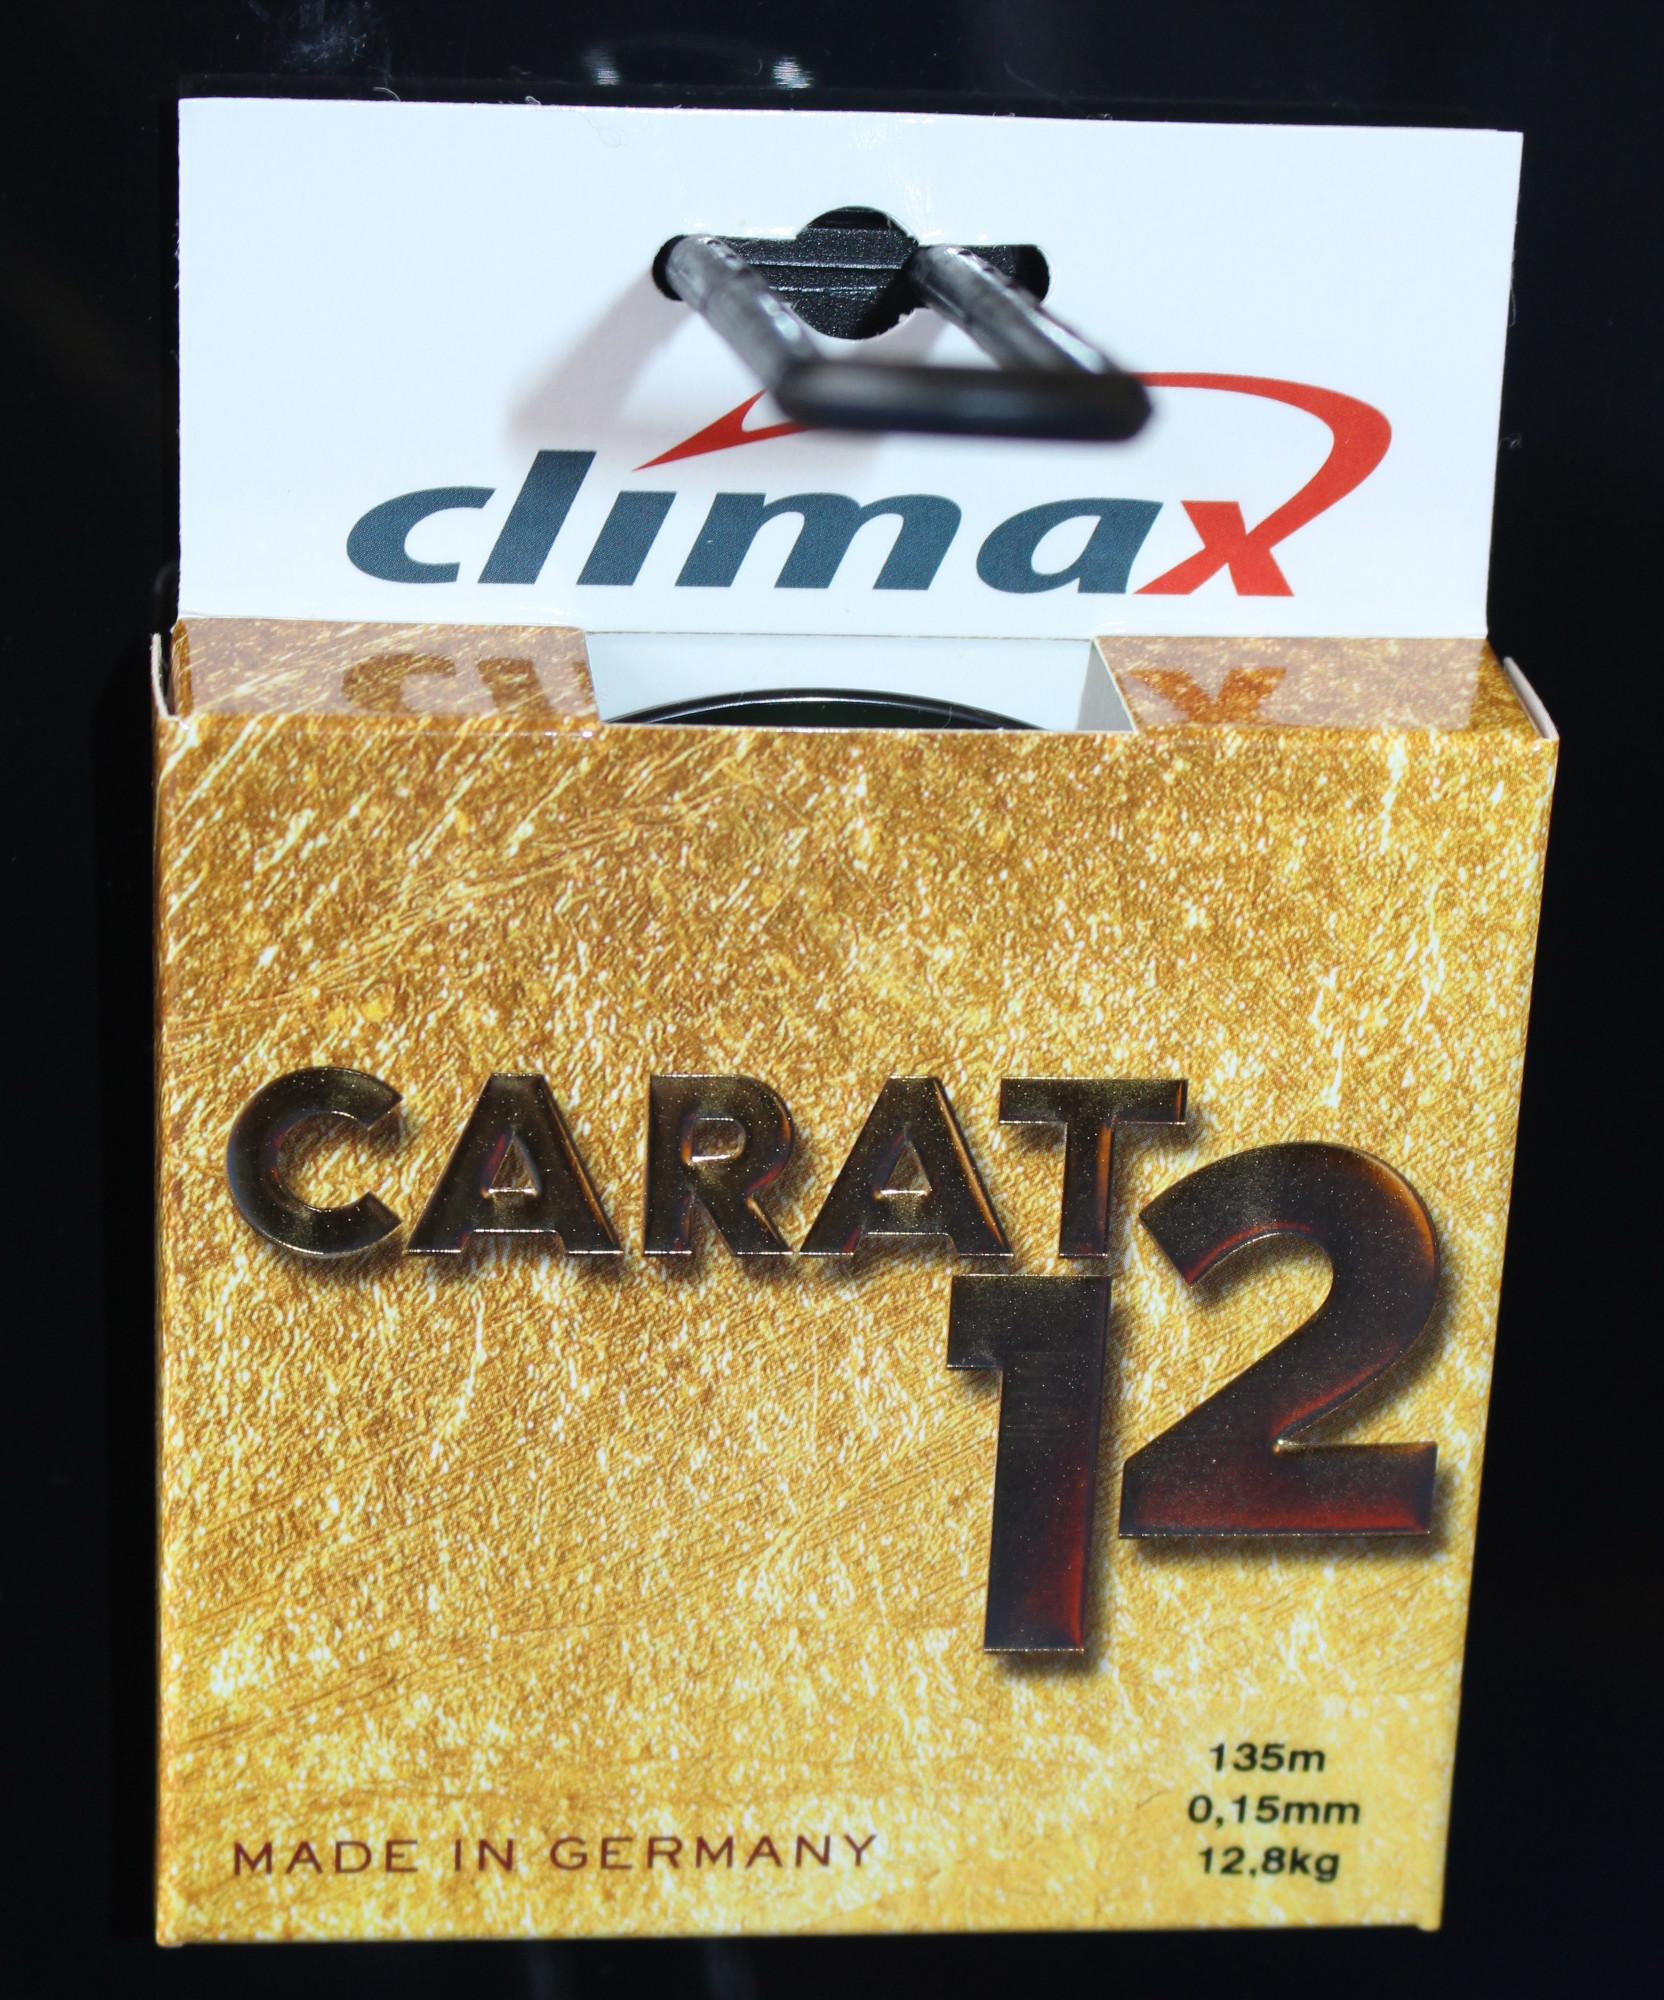 Die Carat 12 hat eine lange Lebensdauer und kann mehrere Jahre auf der Rolle gefischt werden, wenn man sie nicht der direkten UV-Strahlung des Sonnenlichtes aussetzt. Foto: A. Pawlitzki